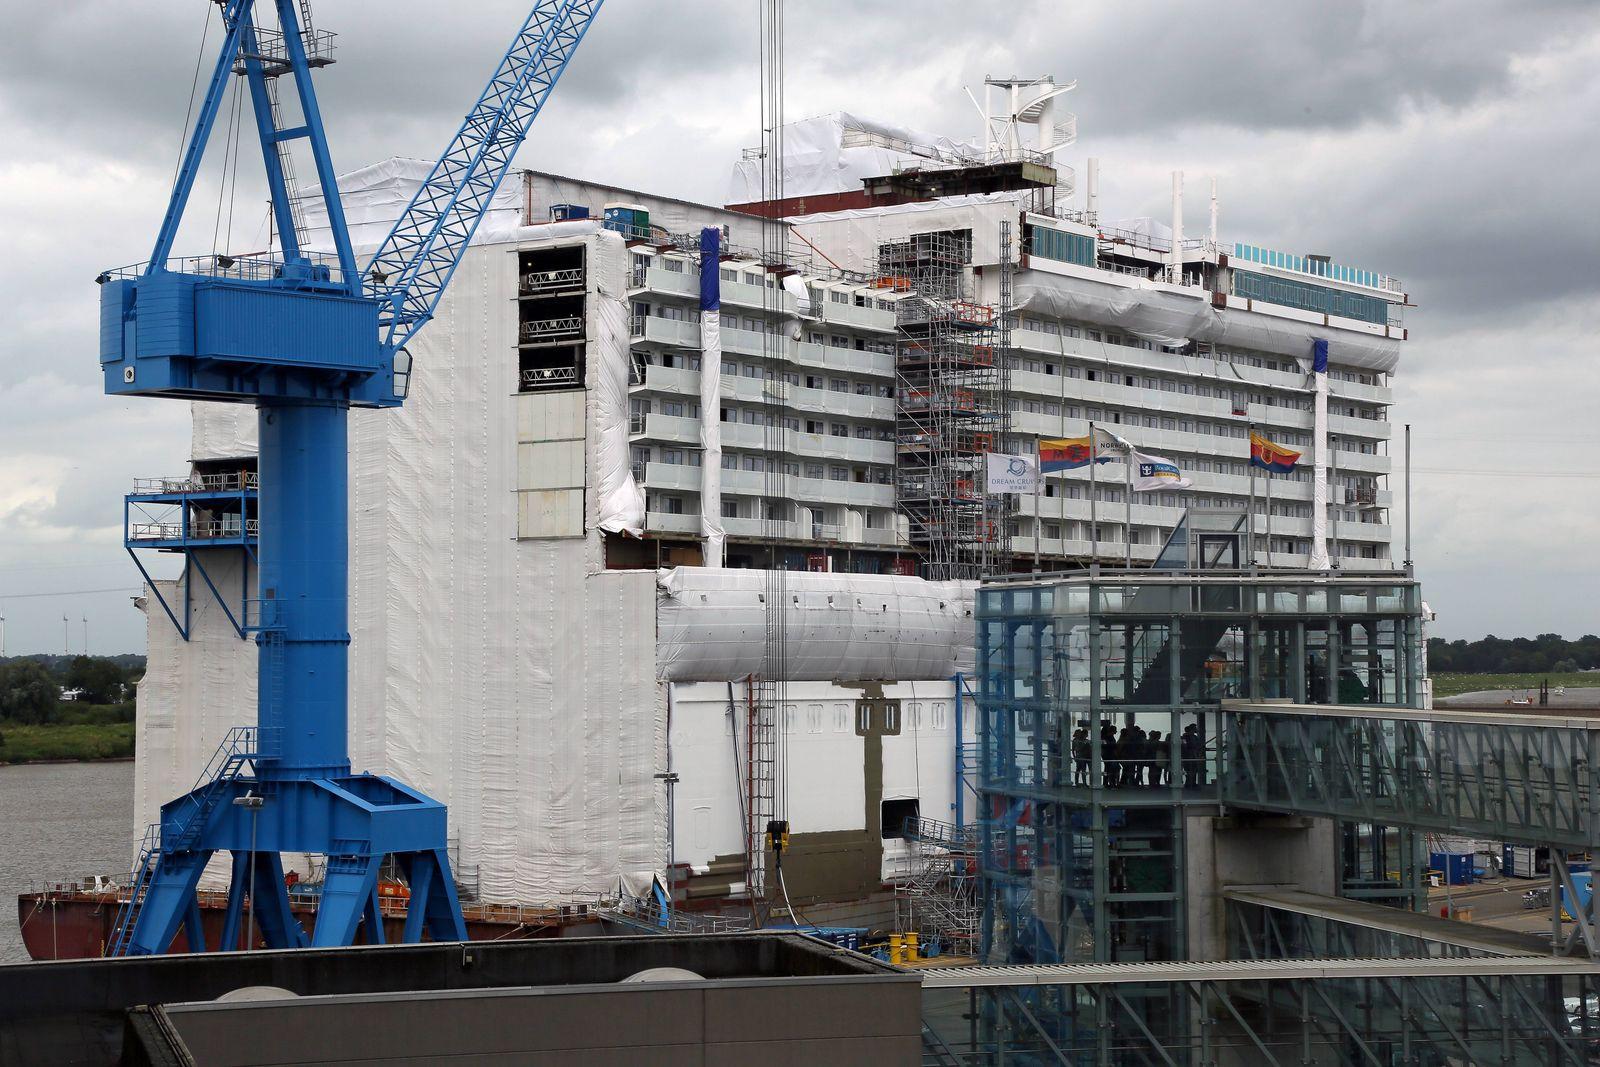 Hafenbecken der Meyer Werft Papenburg mit dem Mittelteil der Norwegian Joy, die im Frühjahr 2017 ausgeliefert wird